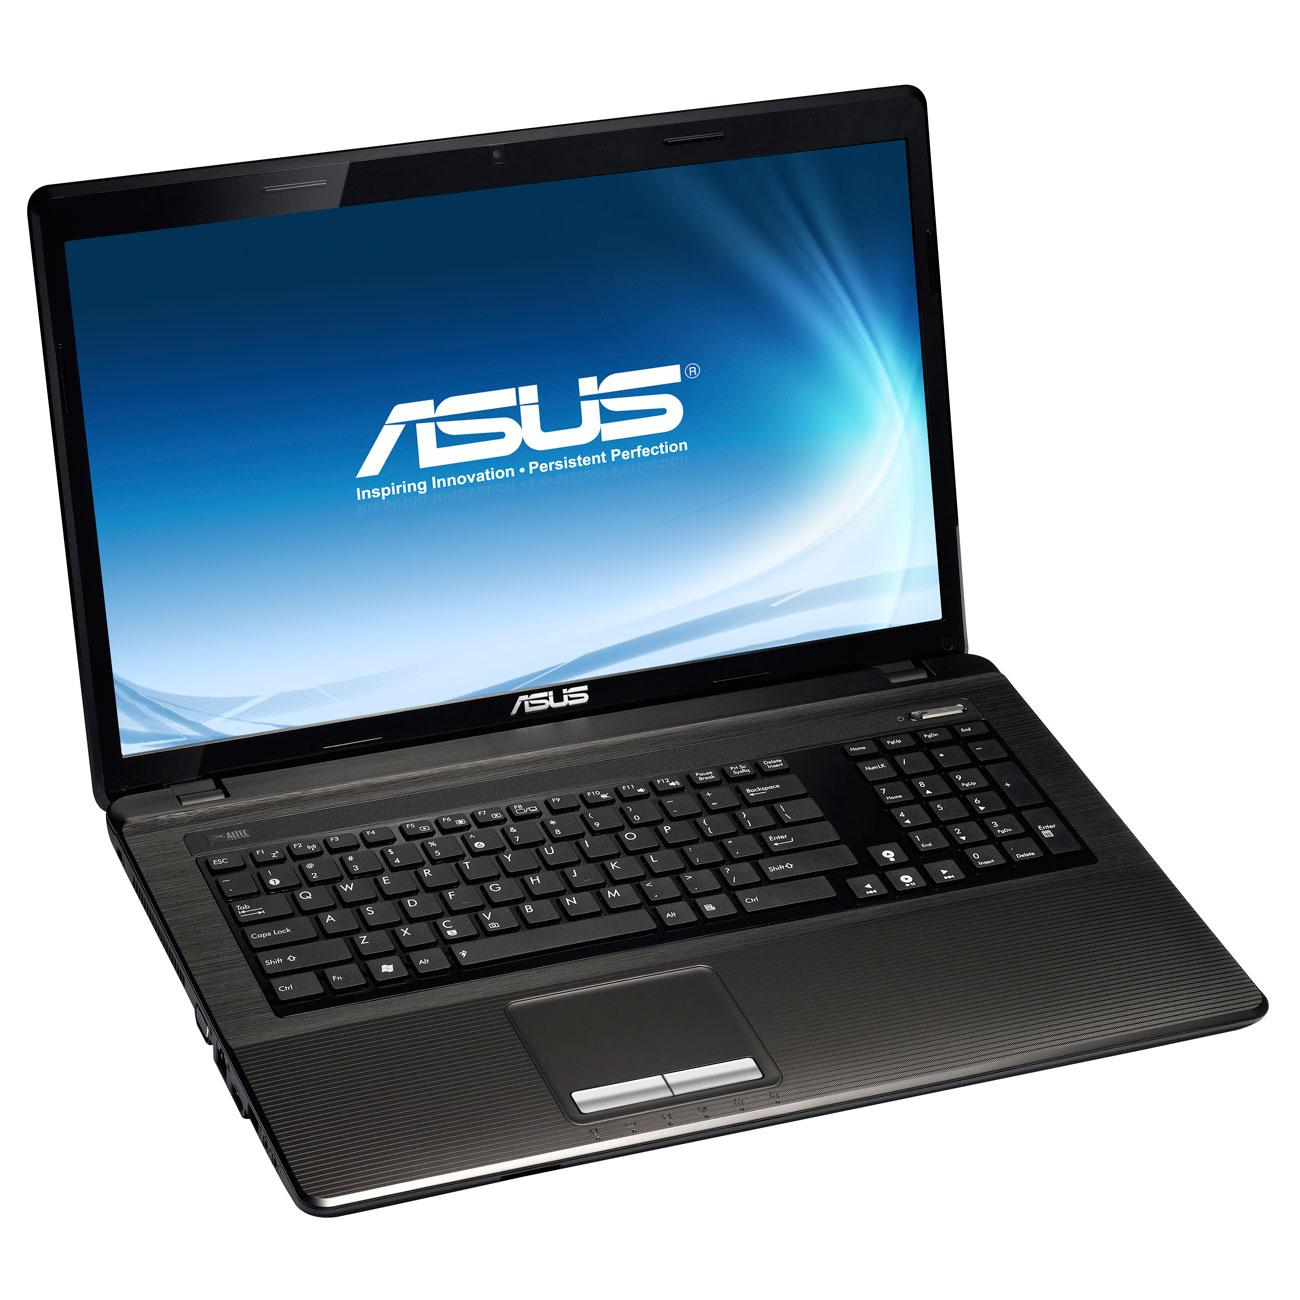 """PC portable ASUS K93SM-YZ005V Intel Core i5-2450M 4 Go 1 To 18.4"""" LED NVIDIA GeForce GT 630M Graveur DVD Wi-Fi N/BT Webcam Windows 7 Premium 64 bits (garantie constructeur 2 ans)"""